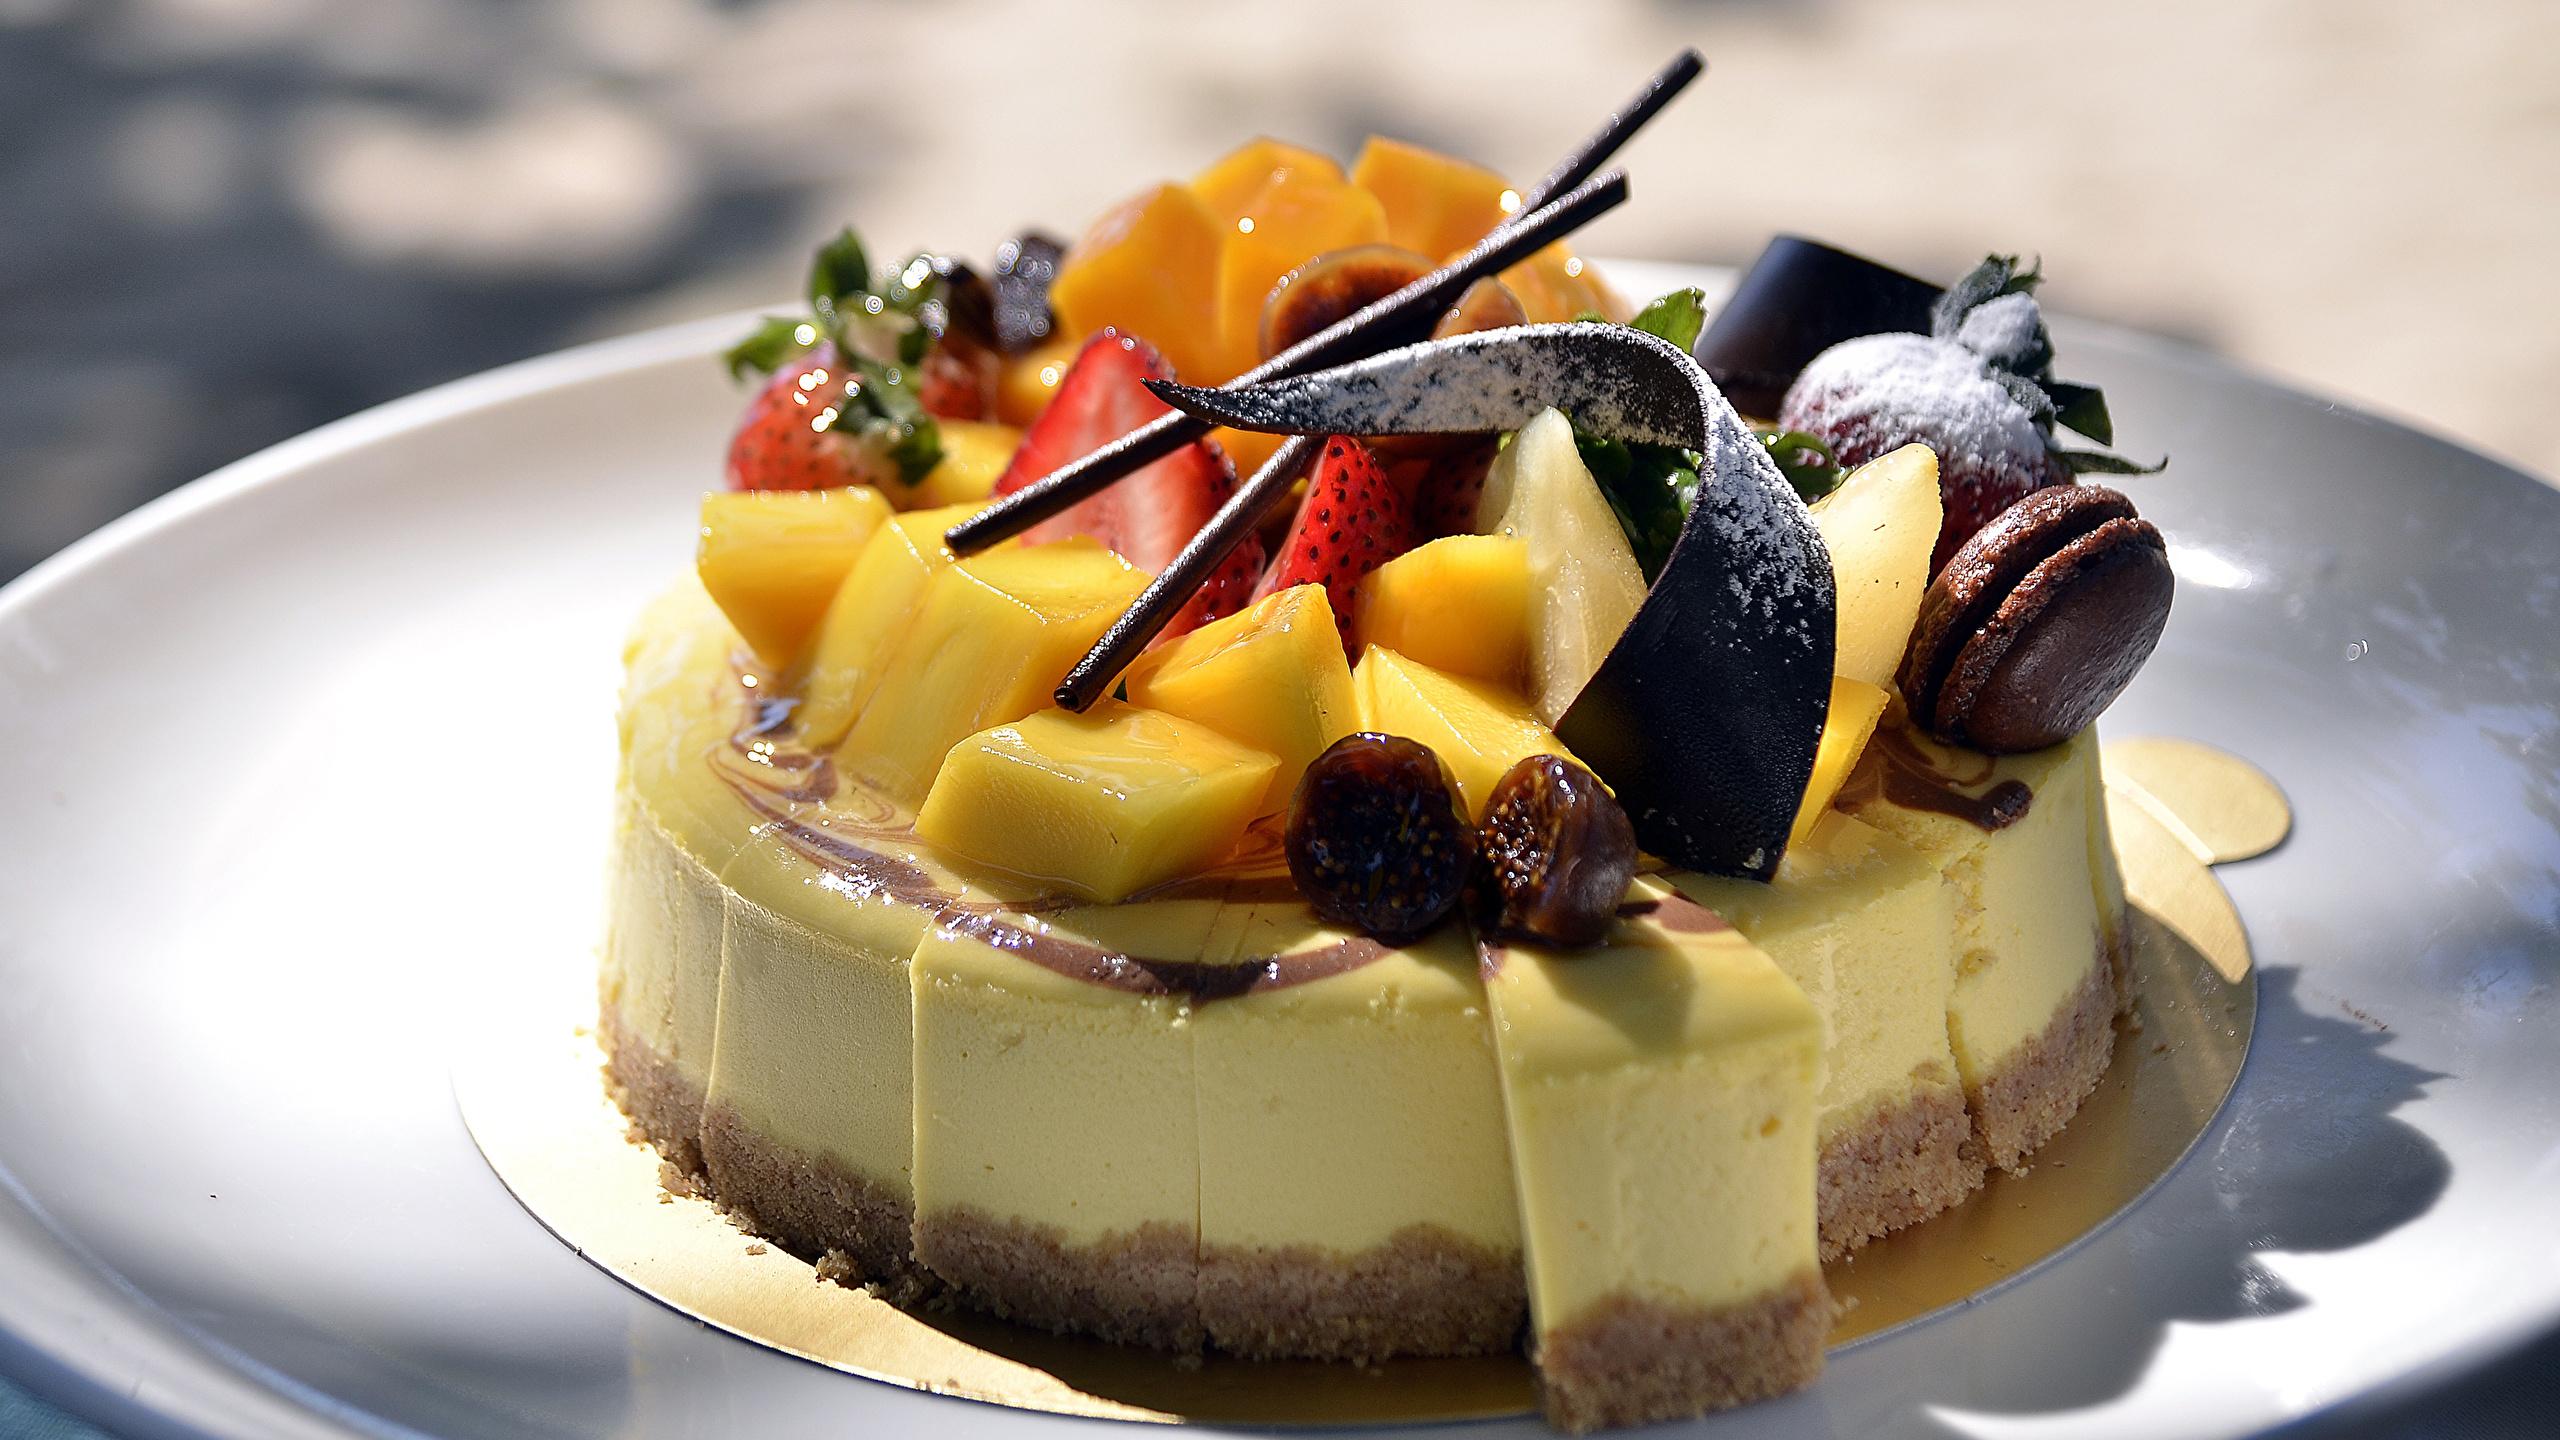 Картинка Шоколад Торты Еда Фрукты Сладости 2560x1440 Пища Продукты питания